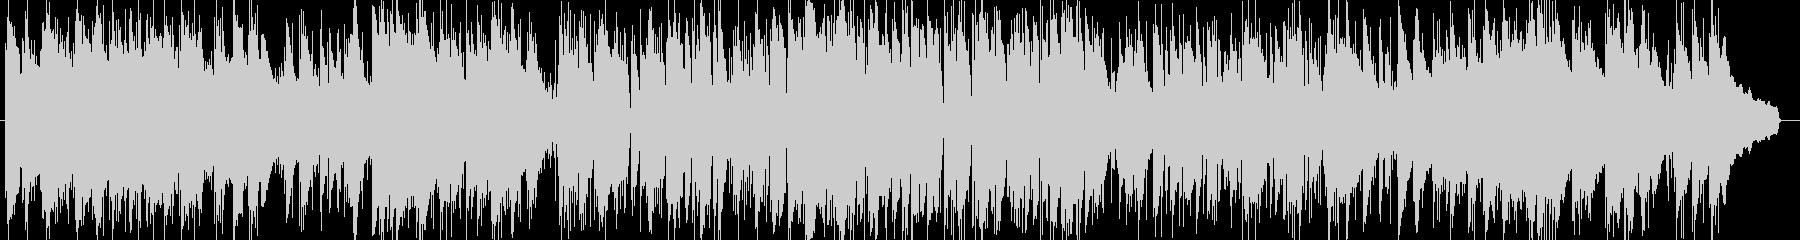 和風オリジナルジャズピアノの未再生の波形